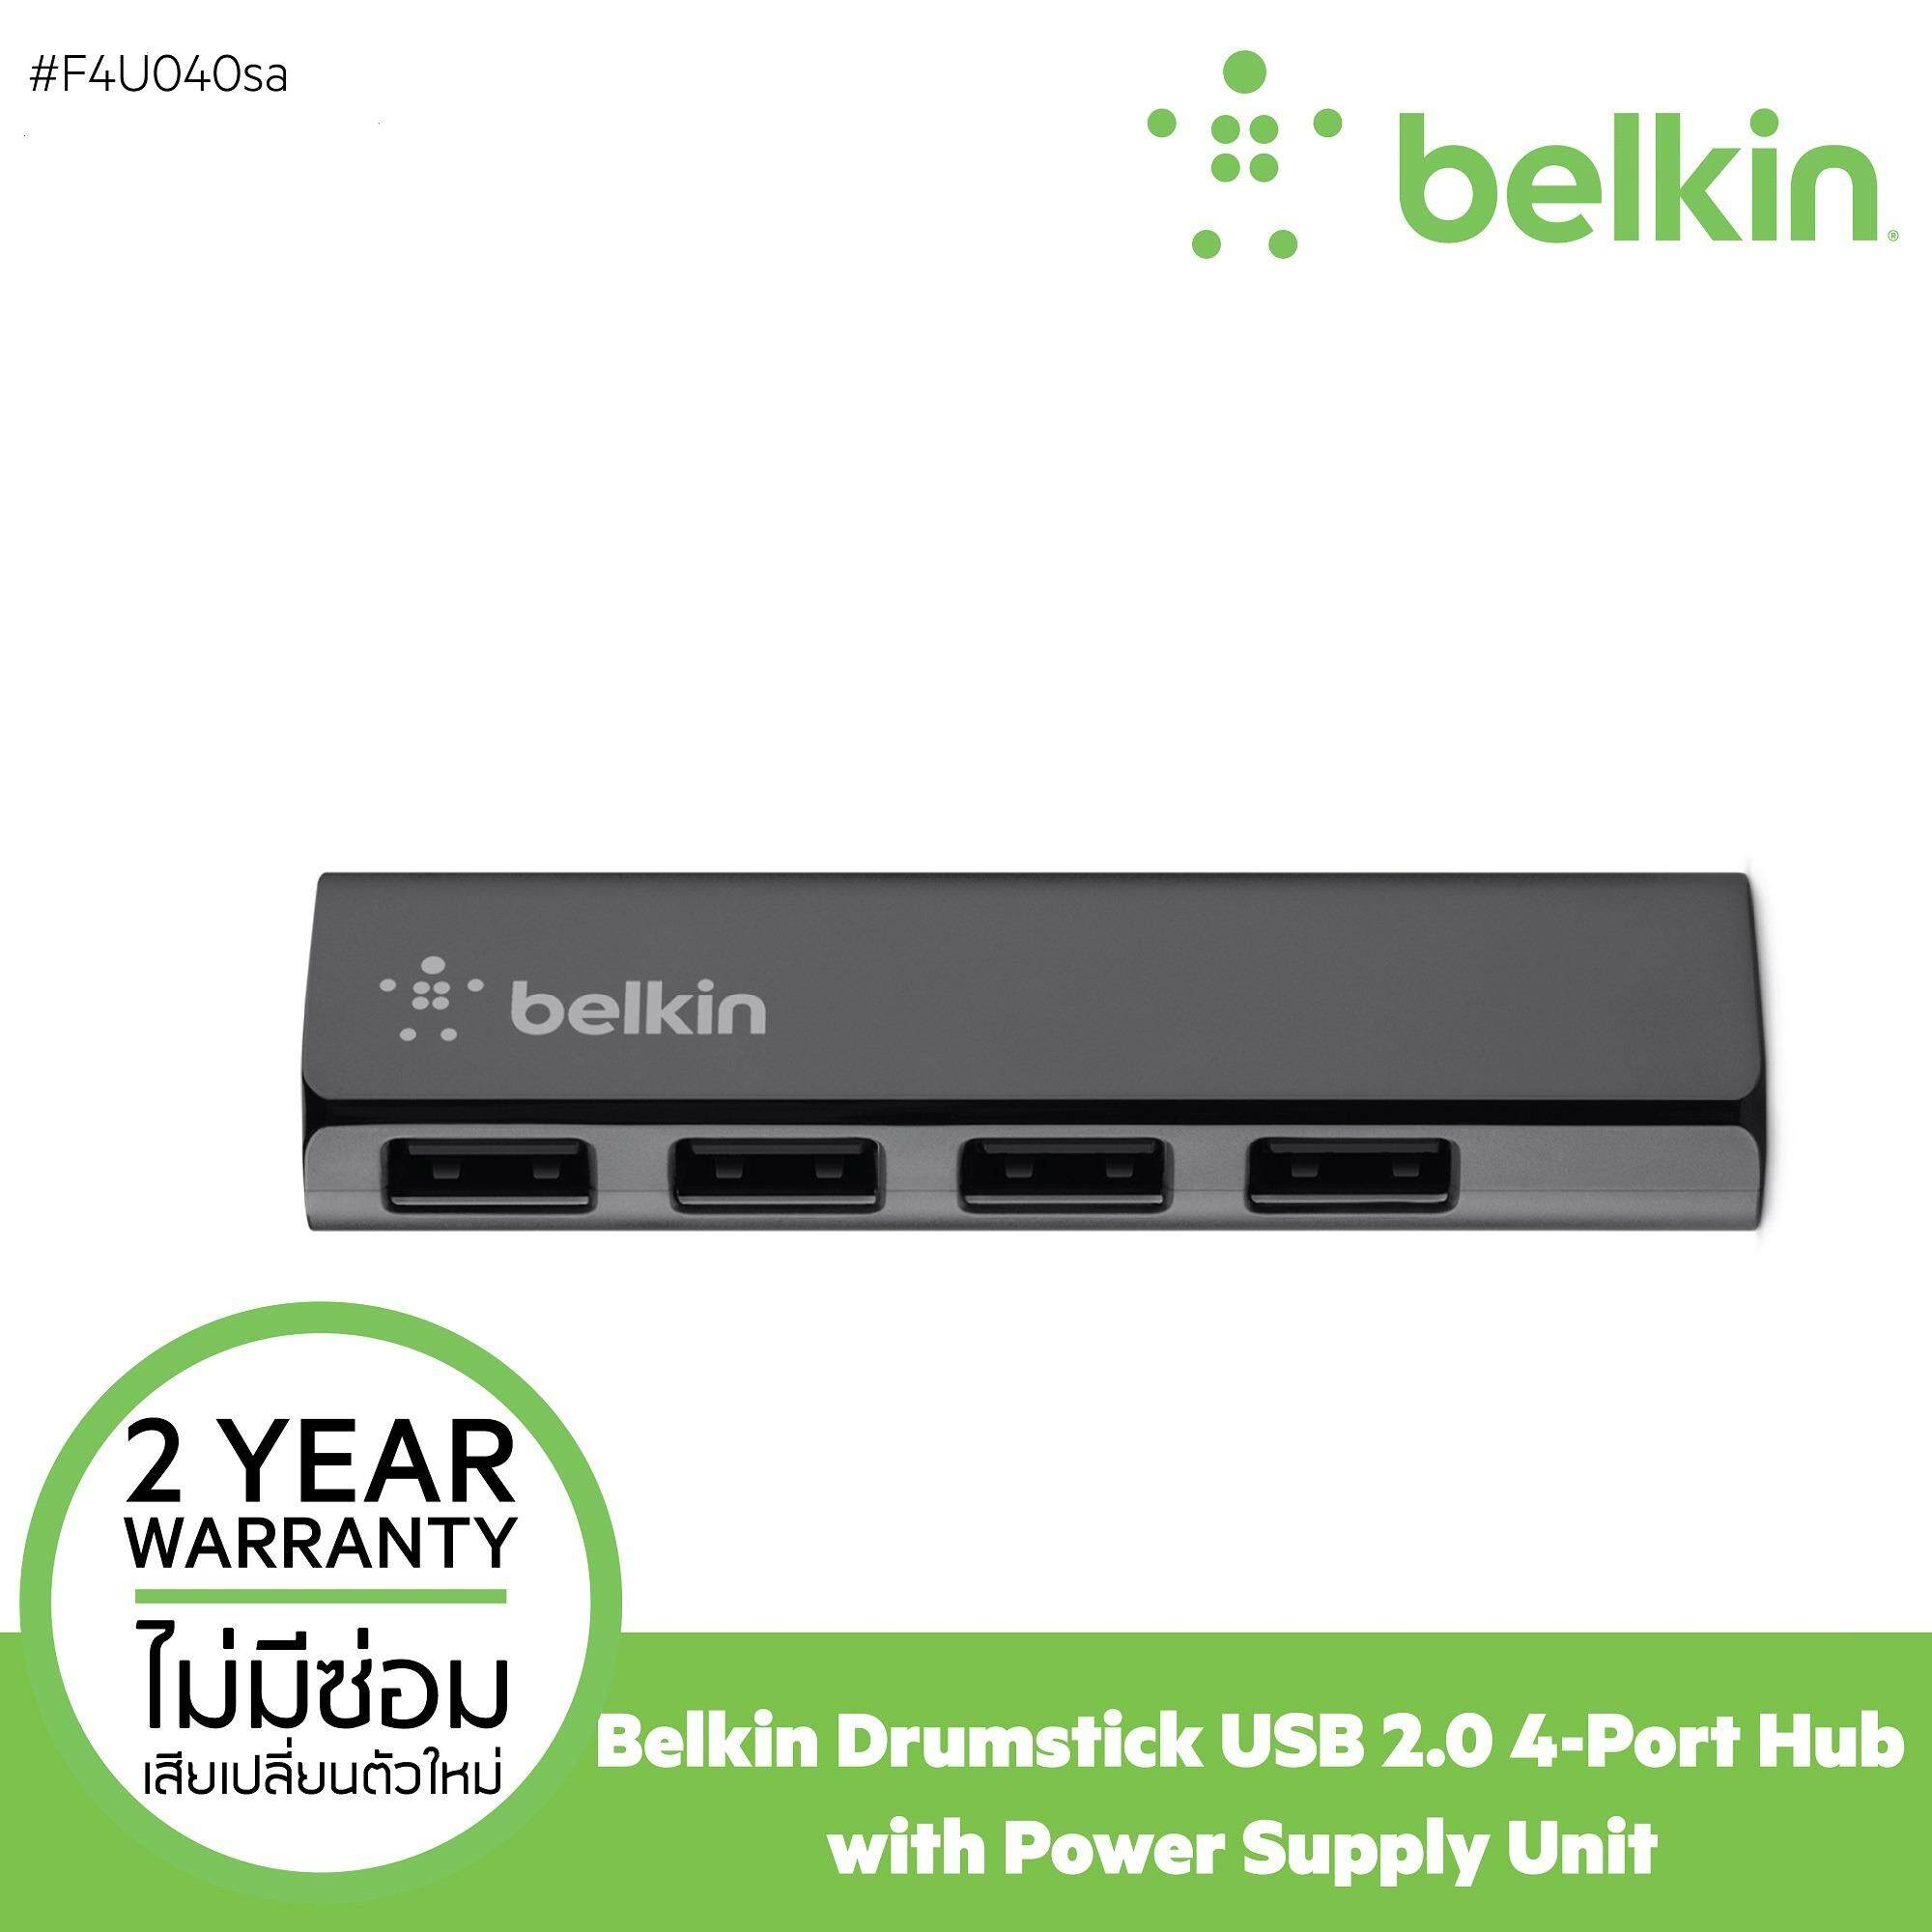 ซื้อ Belkin ฮับกระจายพอร์ต รุ่น Belkin 4 Port Utra Slim Desktop Hub F4U040Sa ถูก กรุงเทพมหานคร